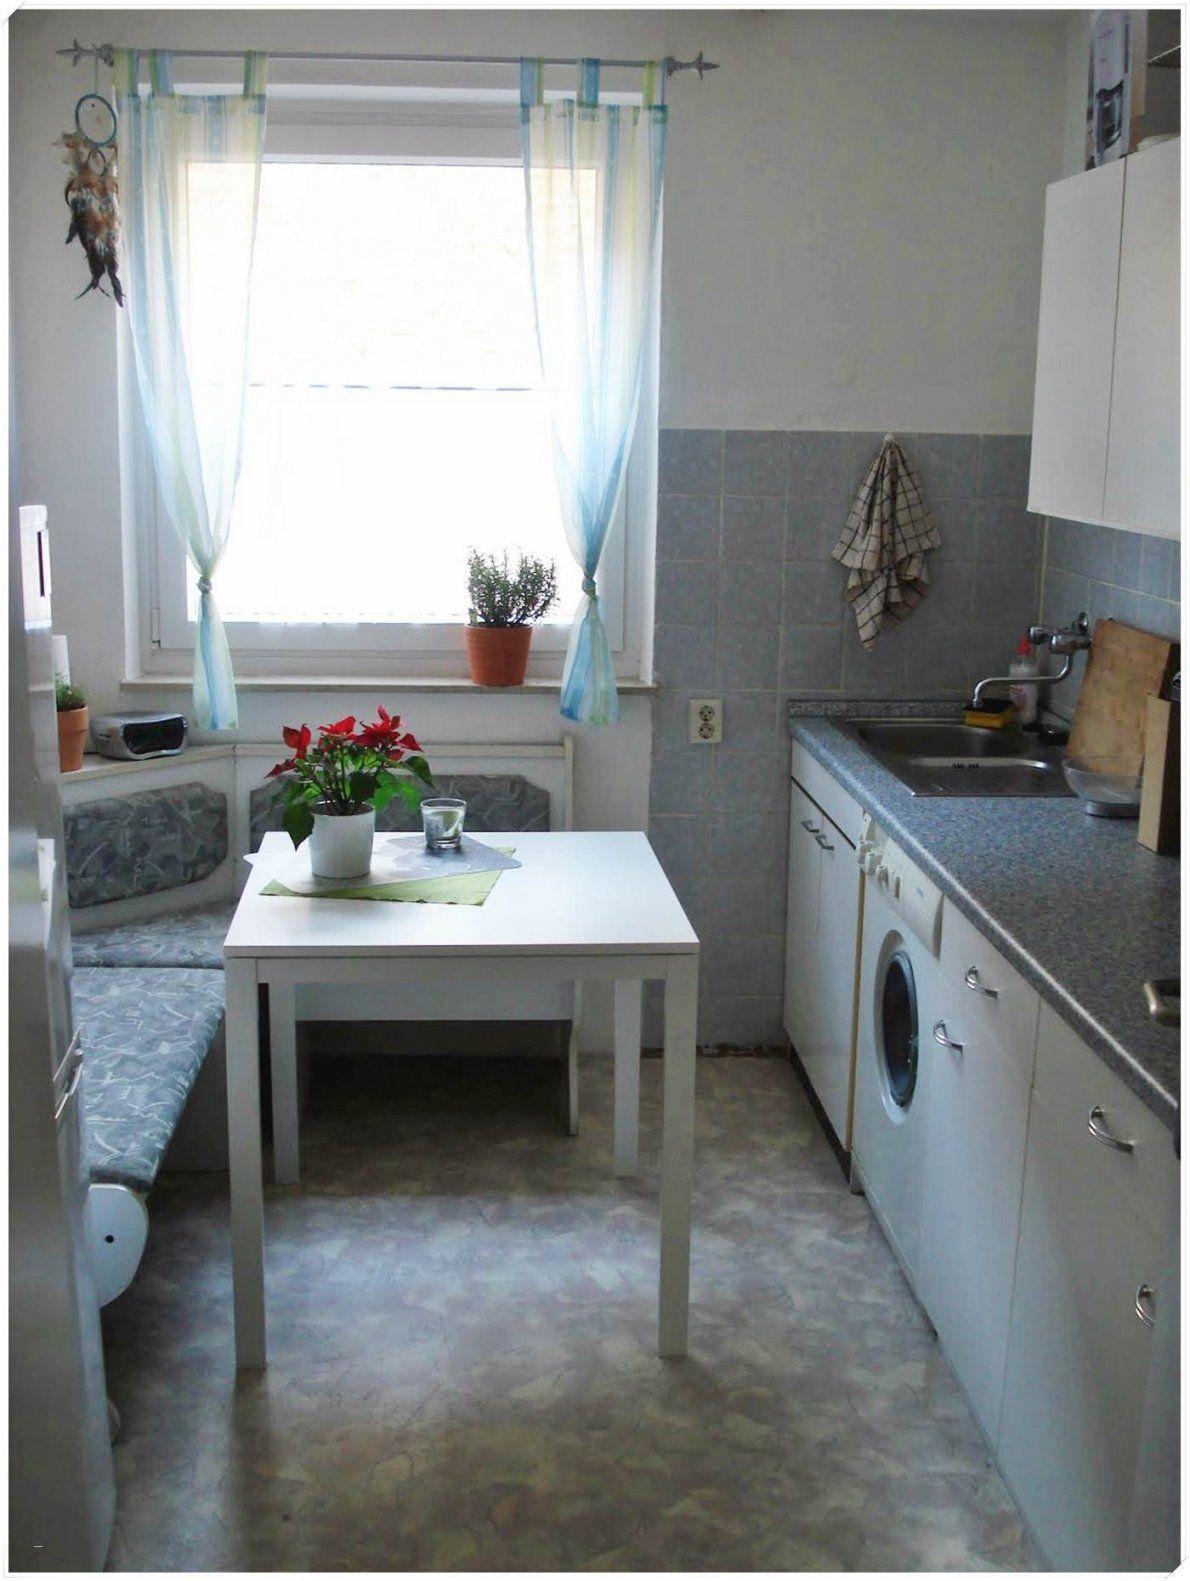 Küche Mit Essbereich Einzigartig Kleine Küche Mit Essplatz Wm04 von Kleine Küche Mit Essplatz Bild